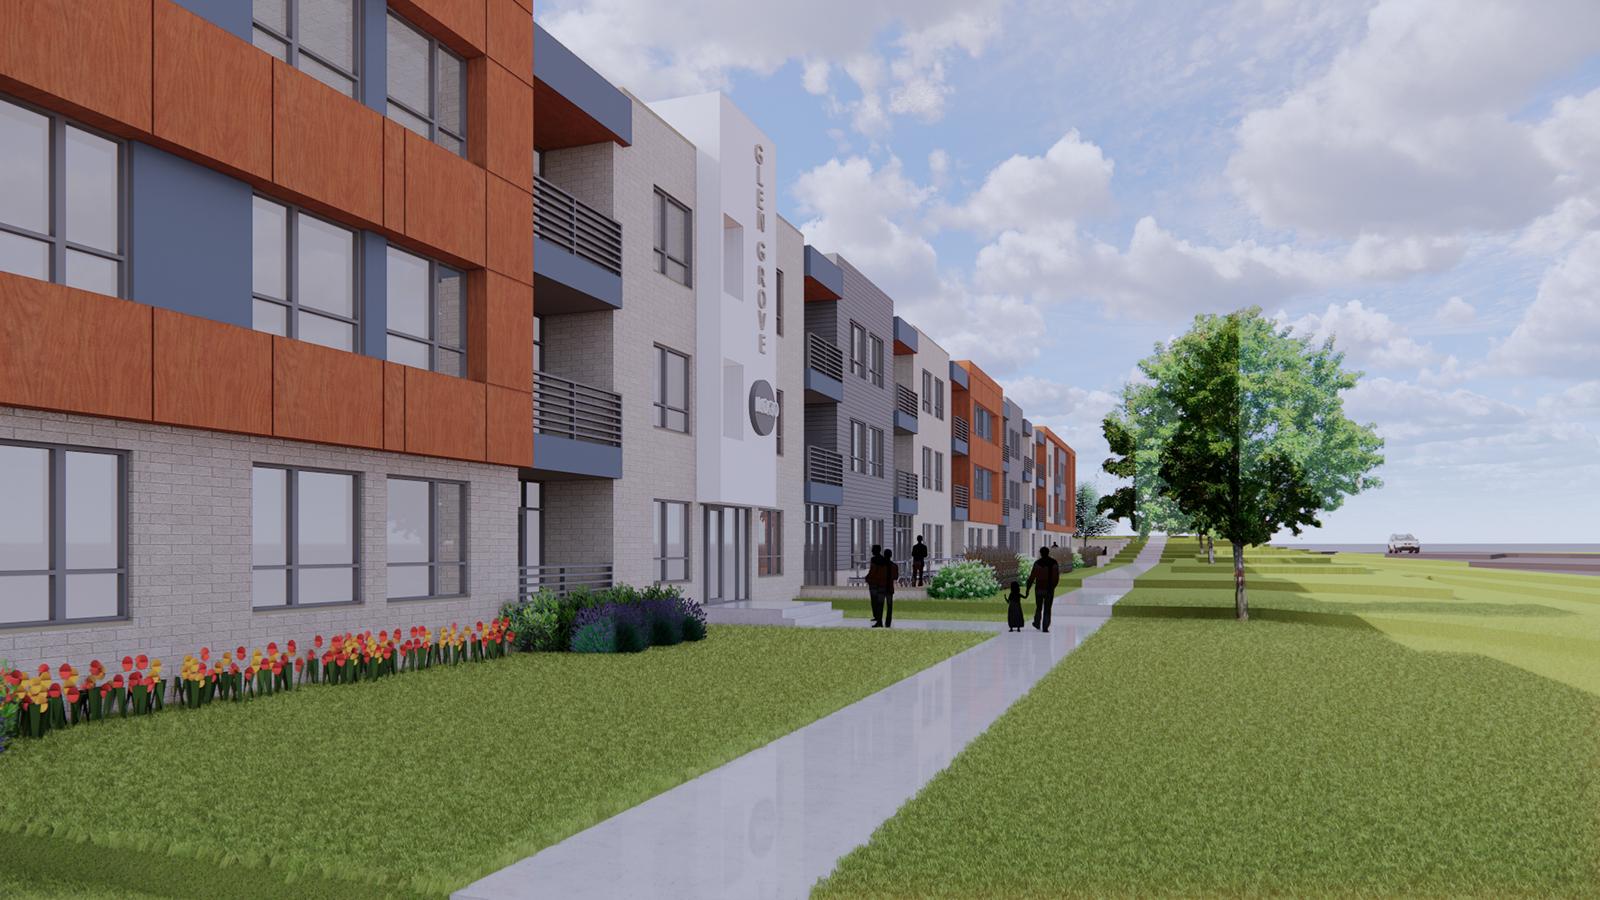 Glen Grove, a community by Movin' Out | JLA Architects